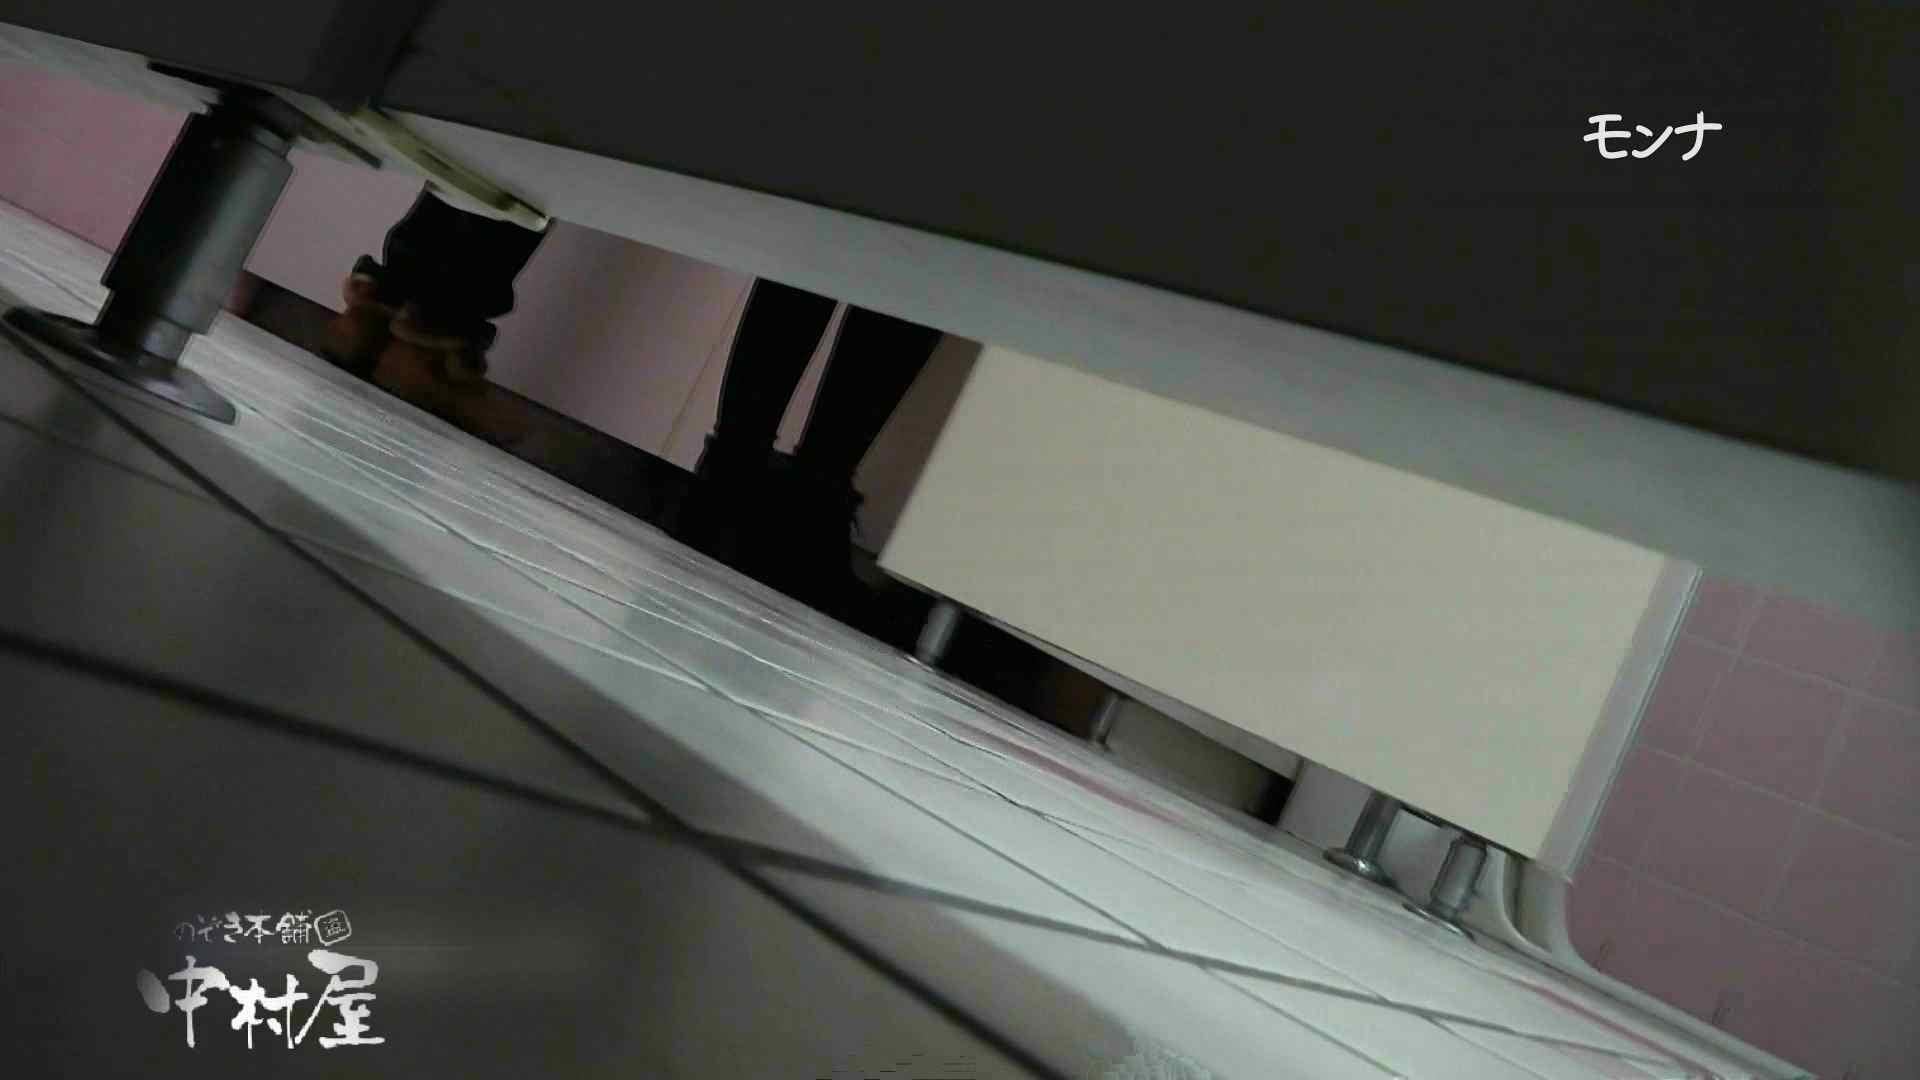 【美しい日本の未来】遂に!!戸田恵梨香似の予告モデル登場ダッシュで「大」後編 おまんこ無修正  59画像 57